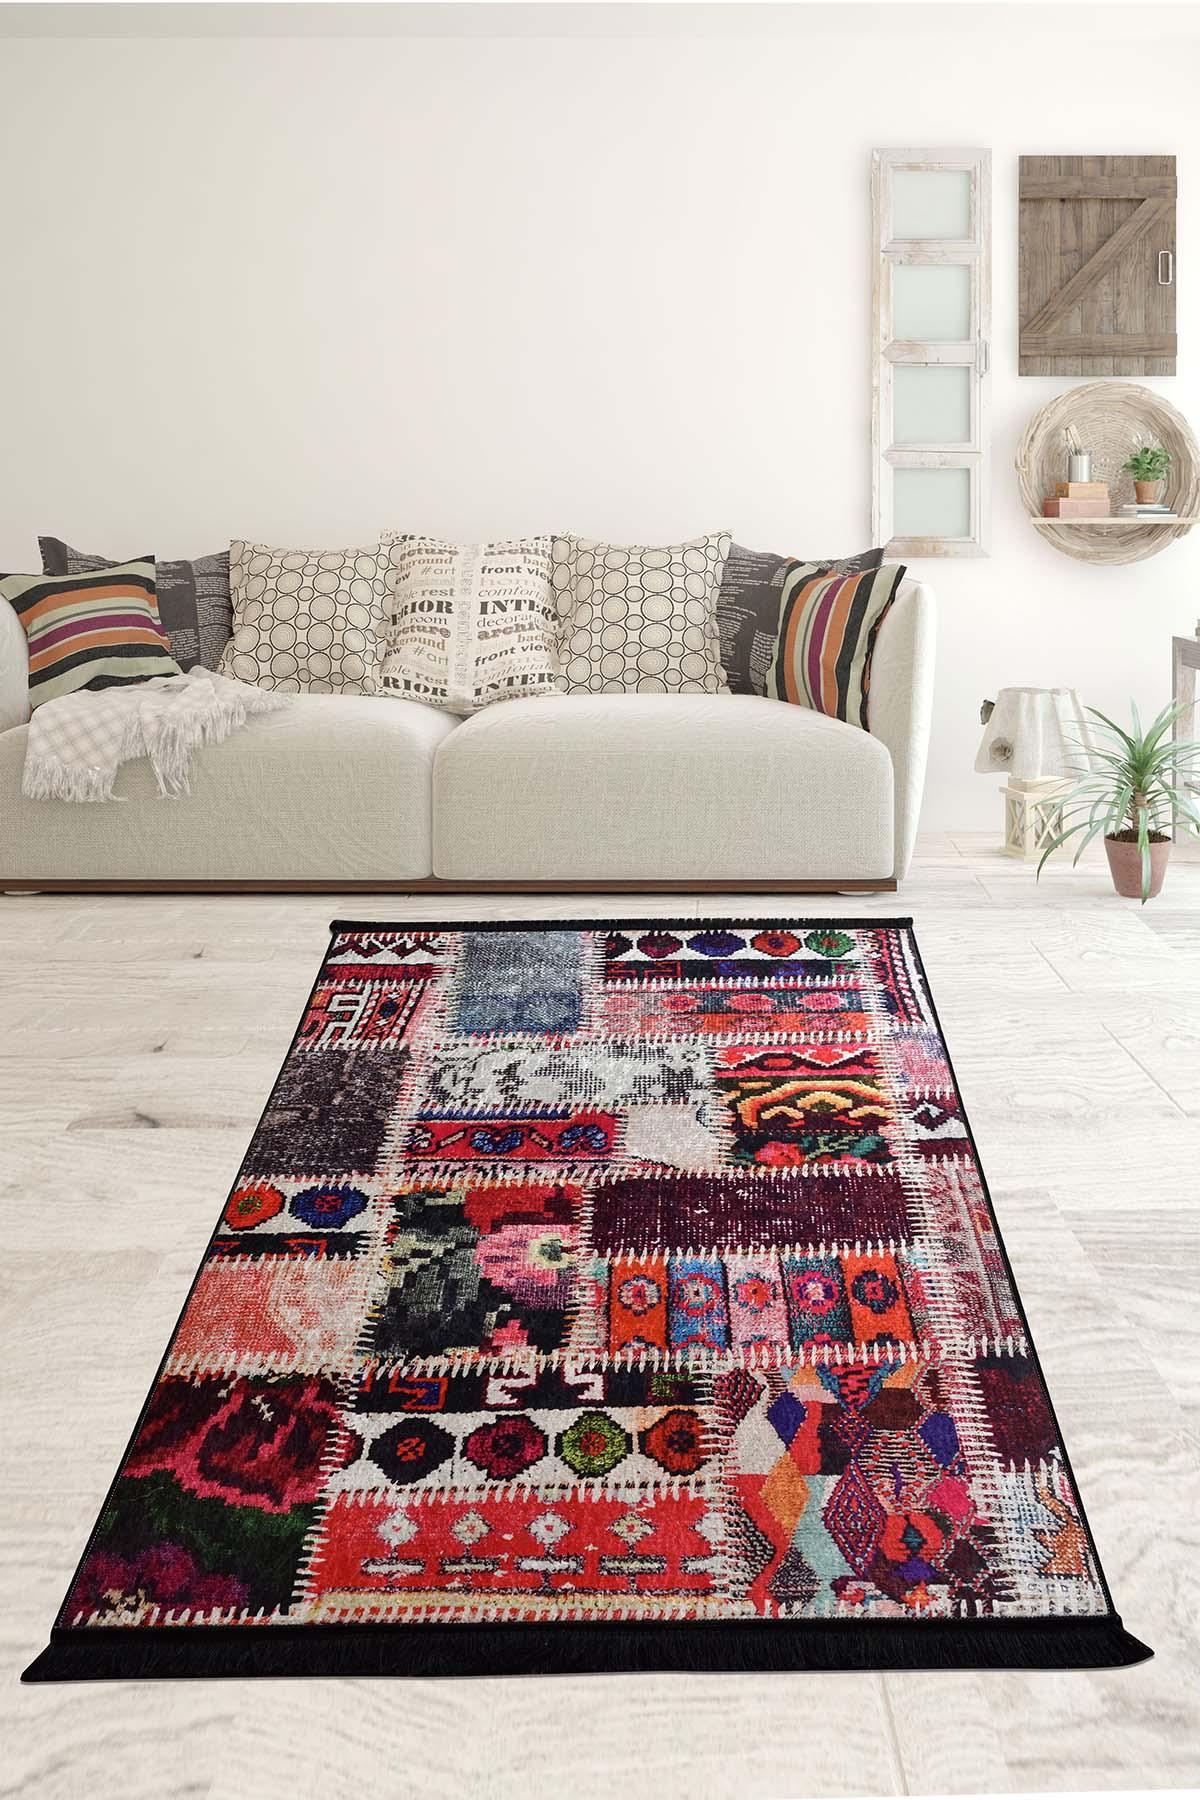 De Colores-سجادة منقوشة أصلية لغرفة المعيشة ، ديكور تركي غير قابل للانزلاق ، نعل ، ديكور مطبخ لغرفة النوم ، للديكور المنزلي